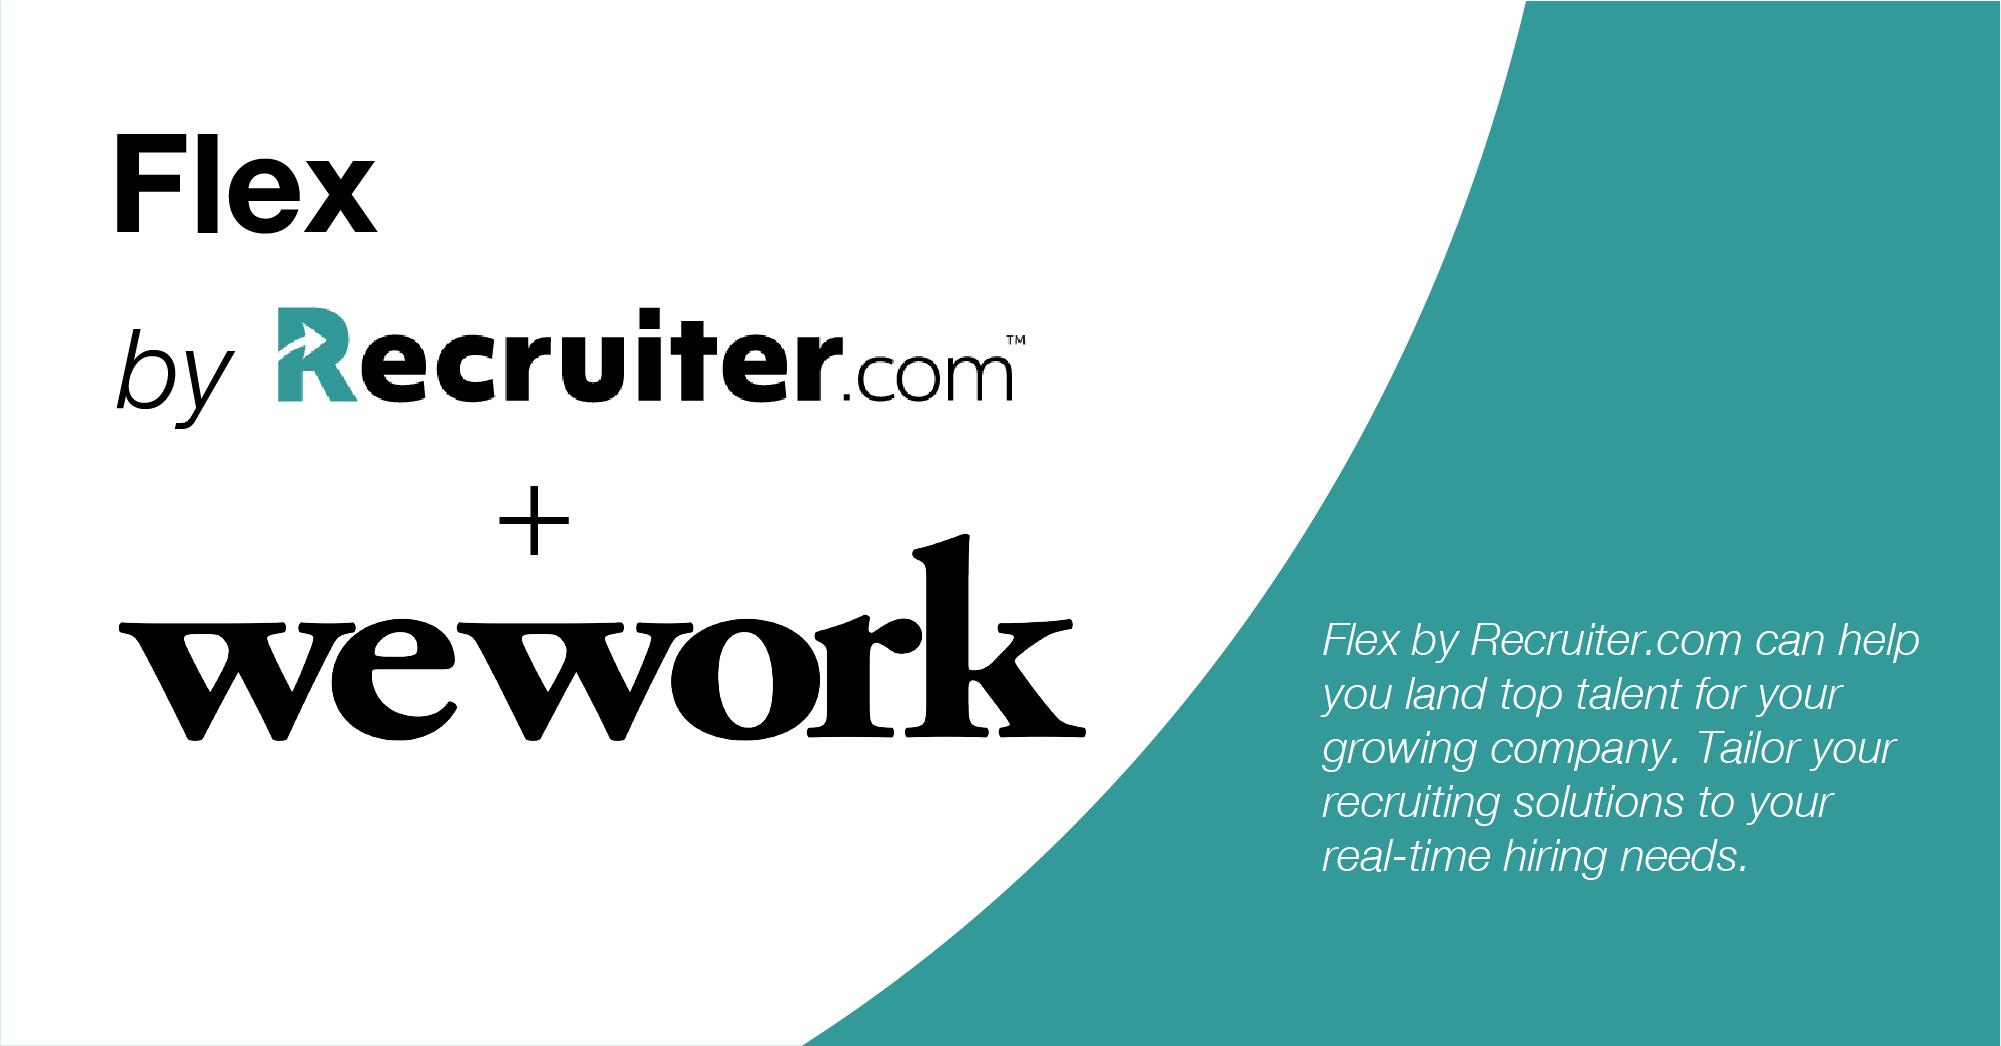 Recruiter.com Flex Photo